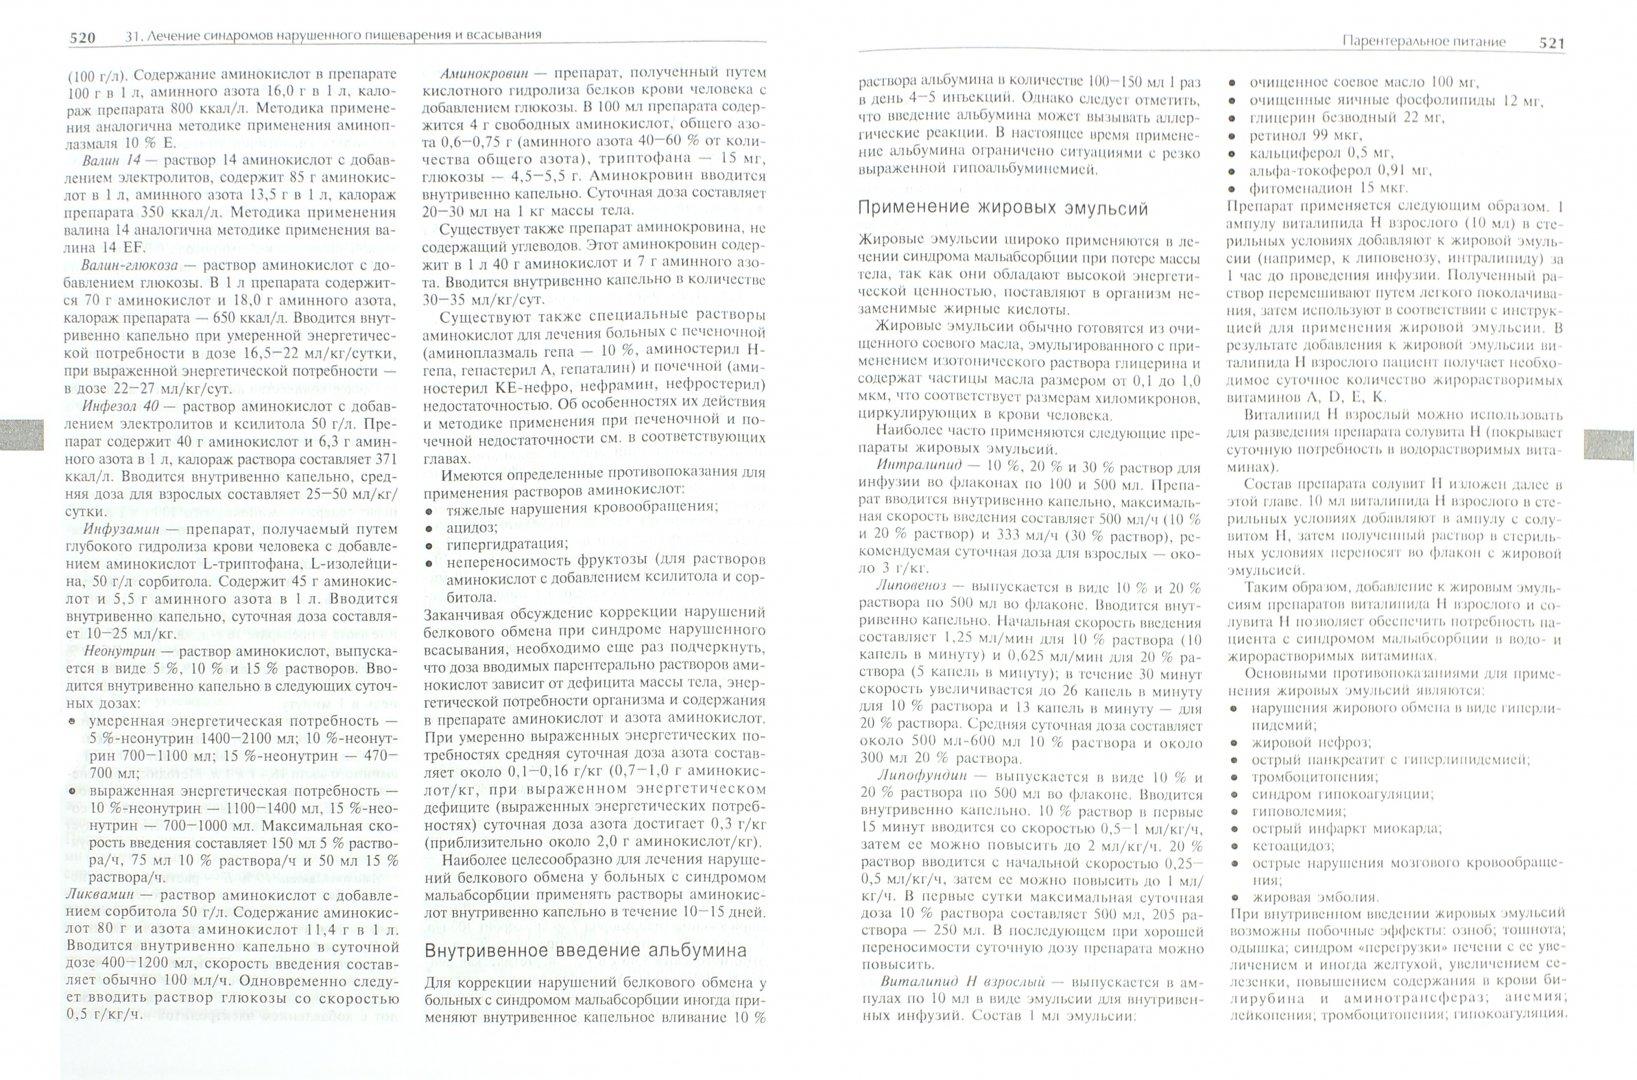 Иллюстрация 1 из 20 для Руководство по лечению внутренних болезней. Том 2. Лечение болезней органов пищеварения - Александр Окороков | Лабиринт - книги. Источник: Лабиринт